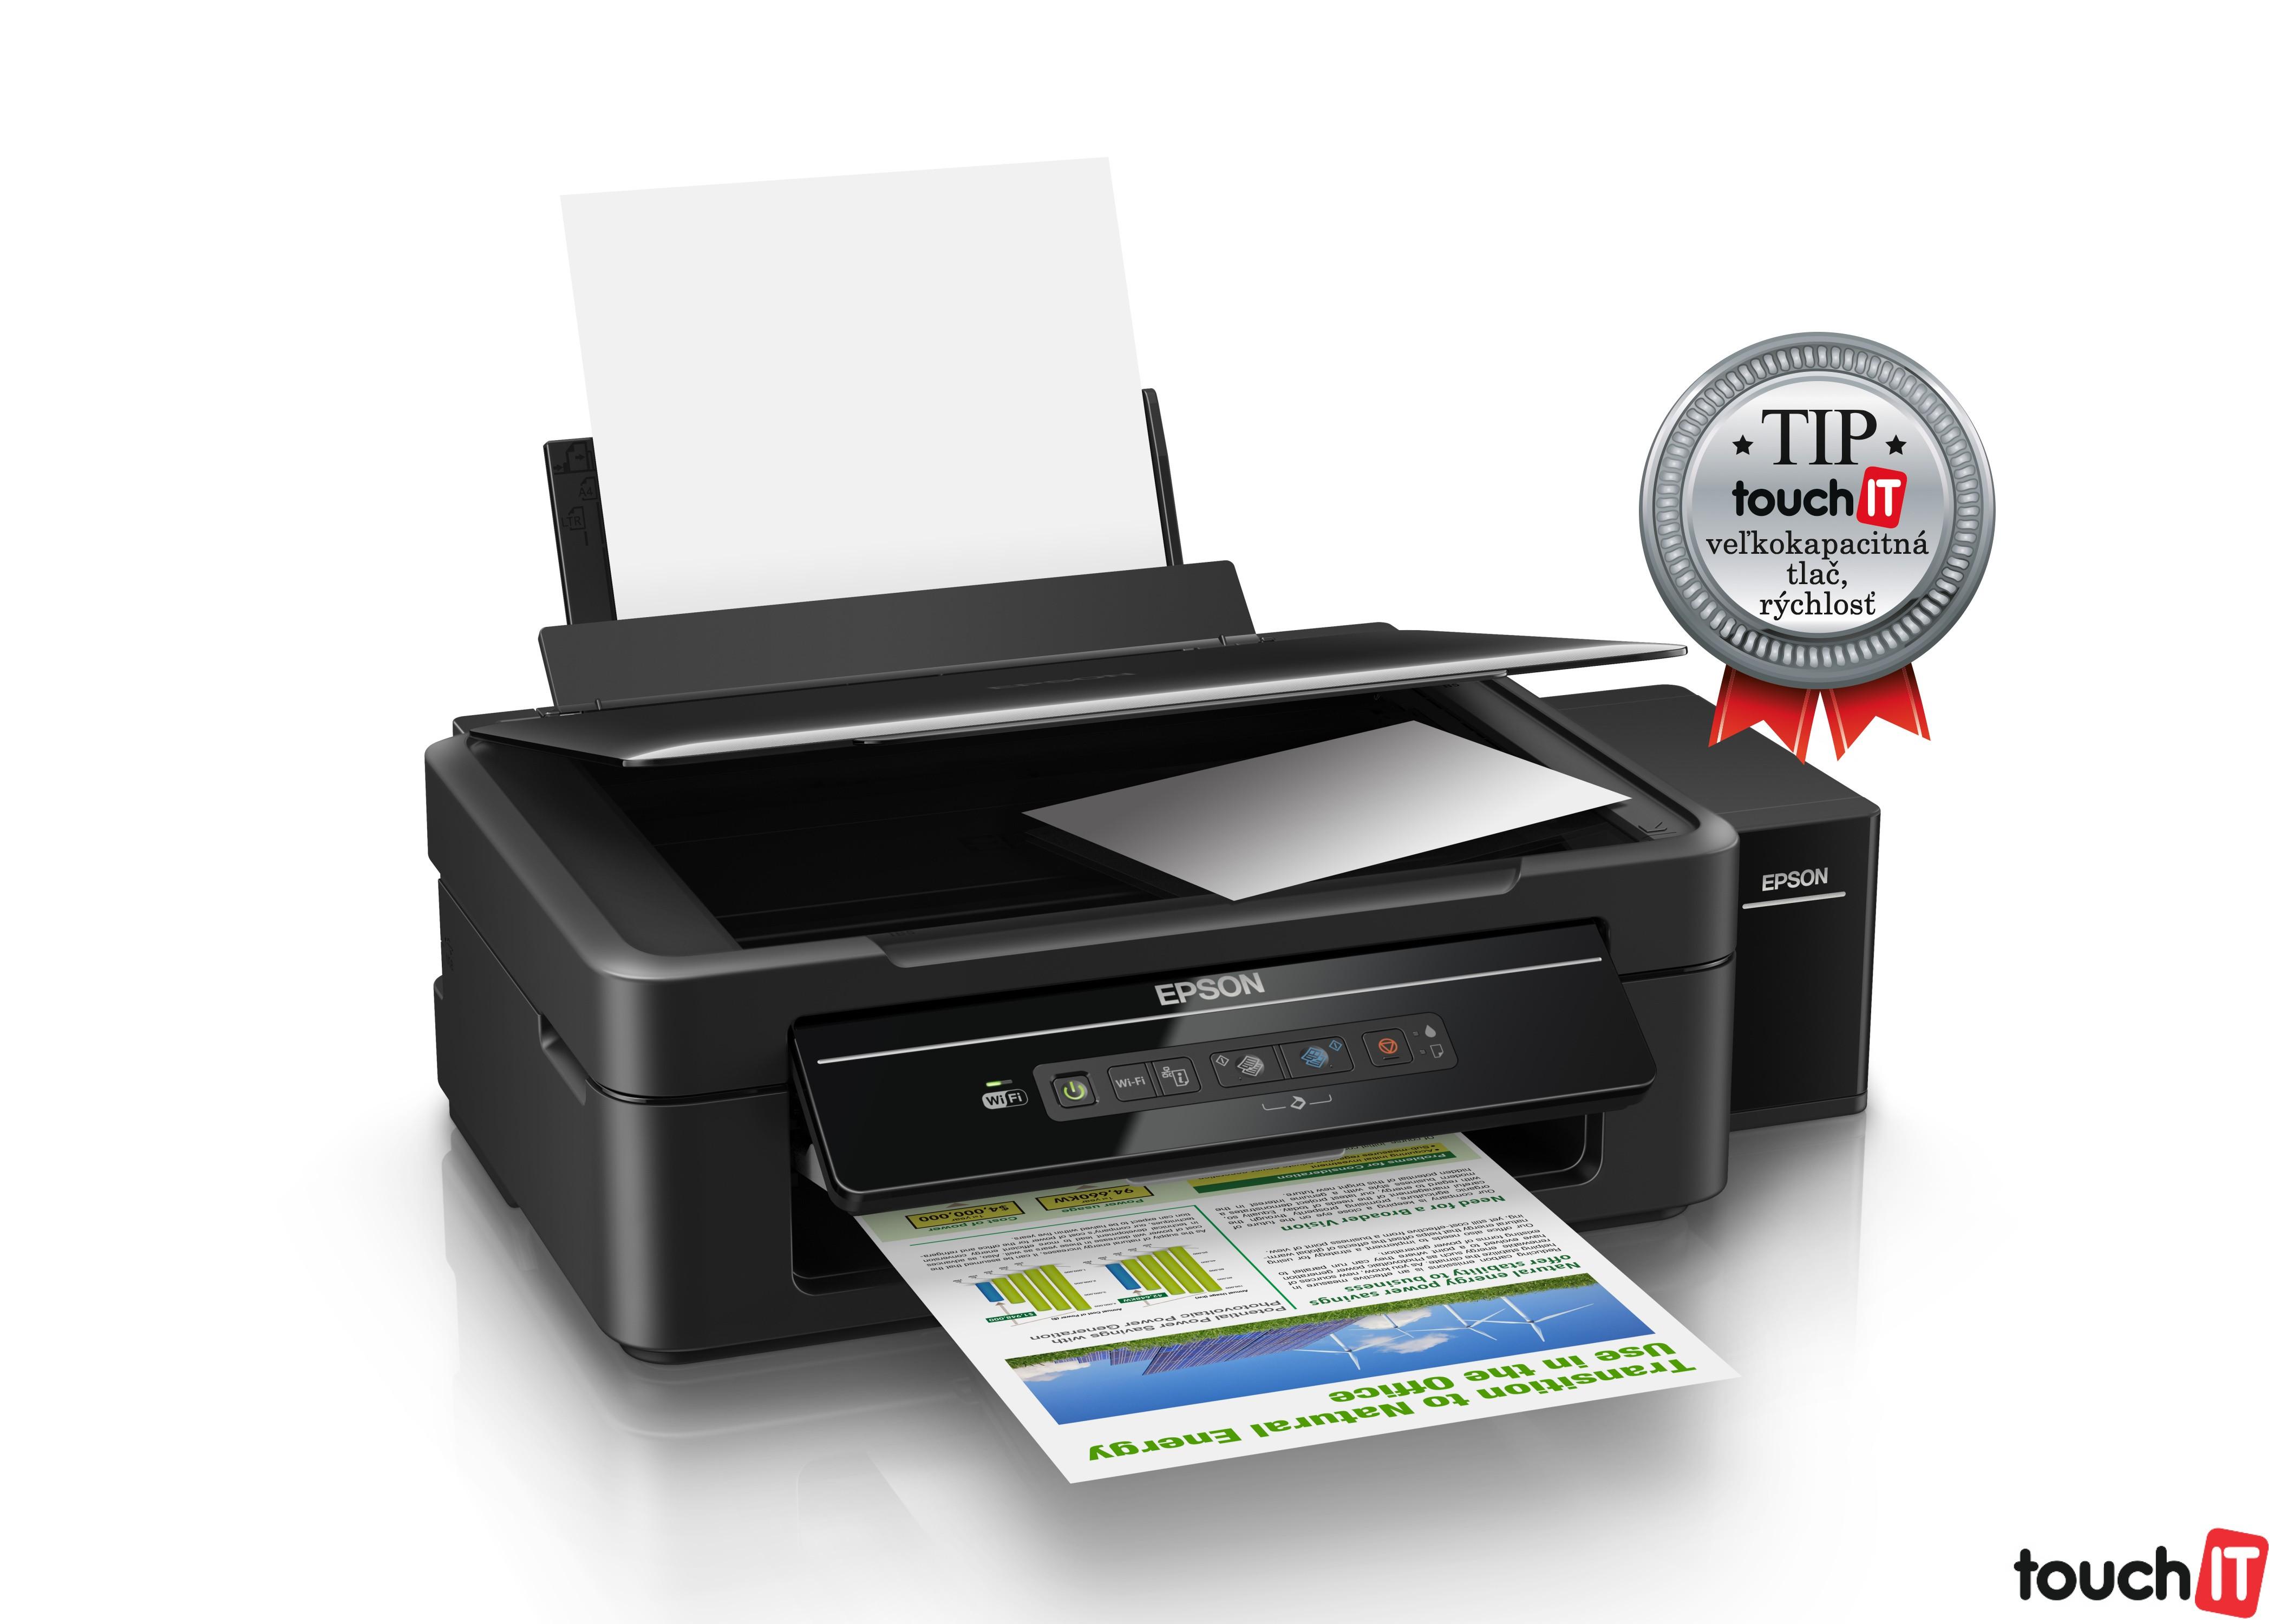 Как сделать сканирование на принтере фото